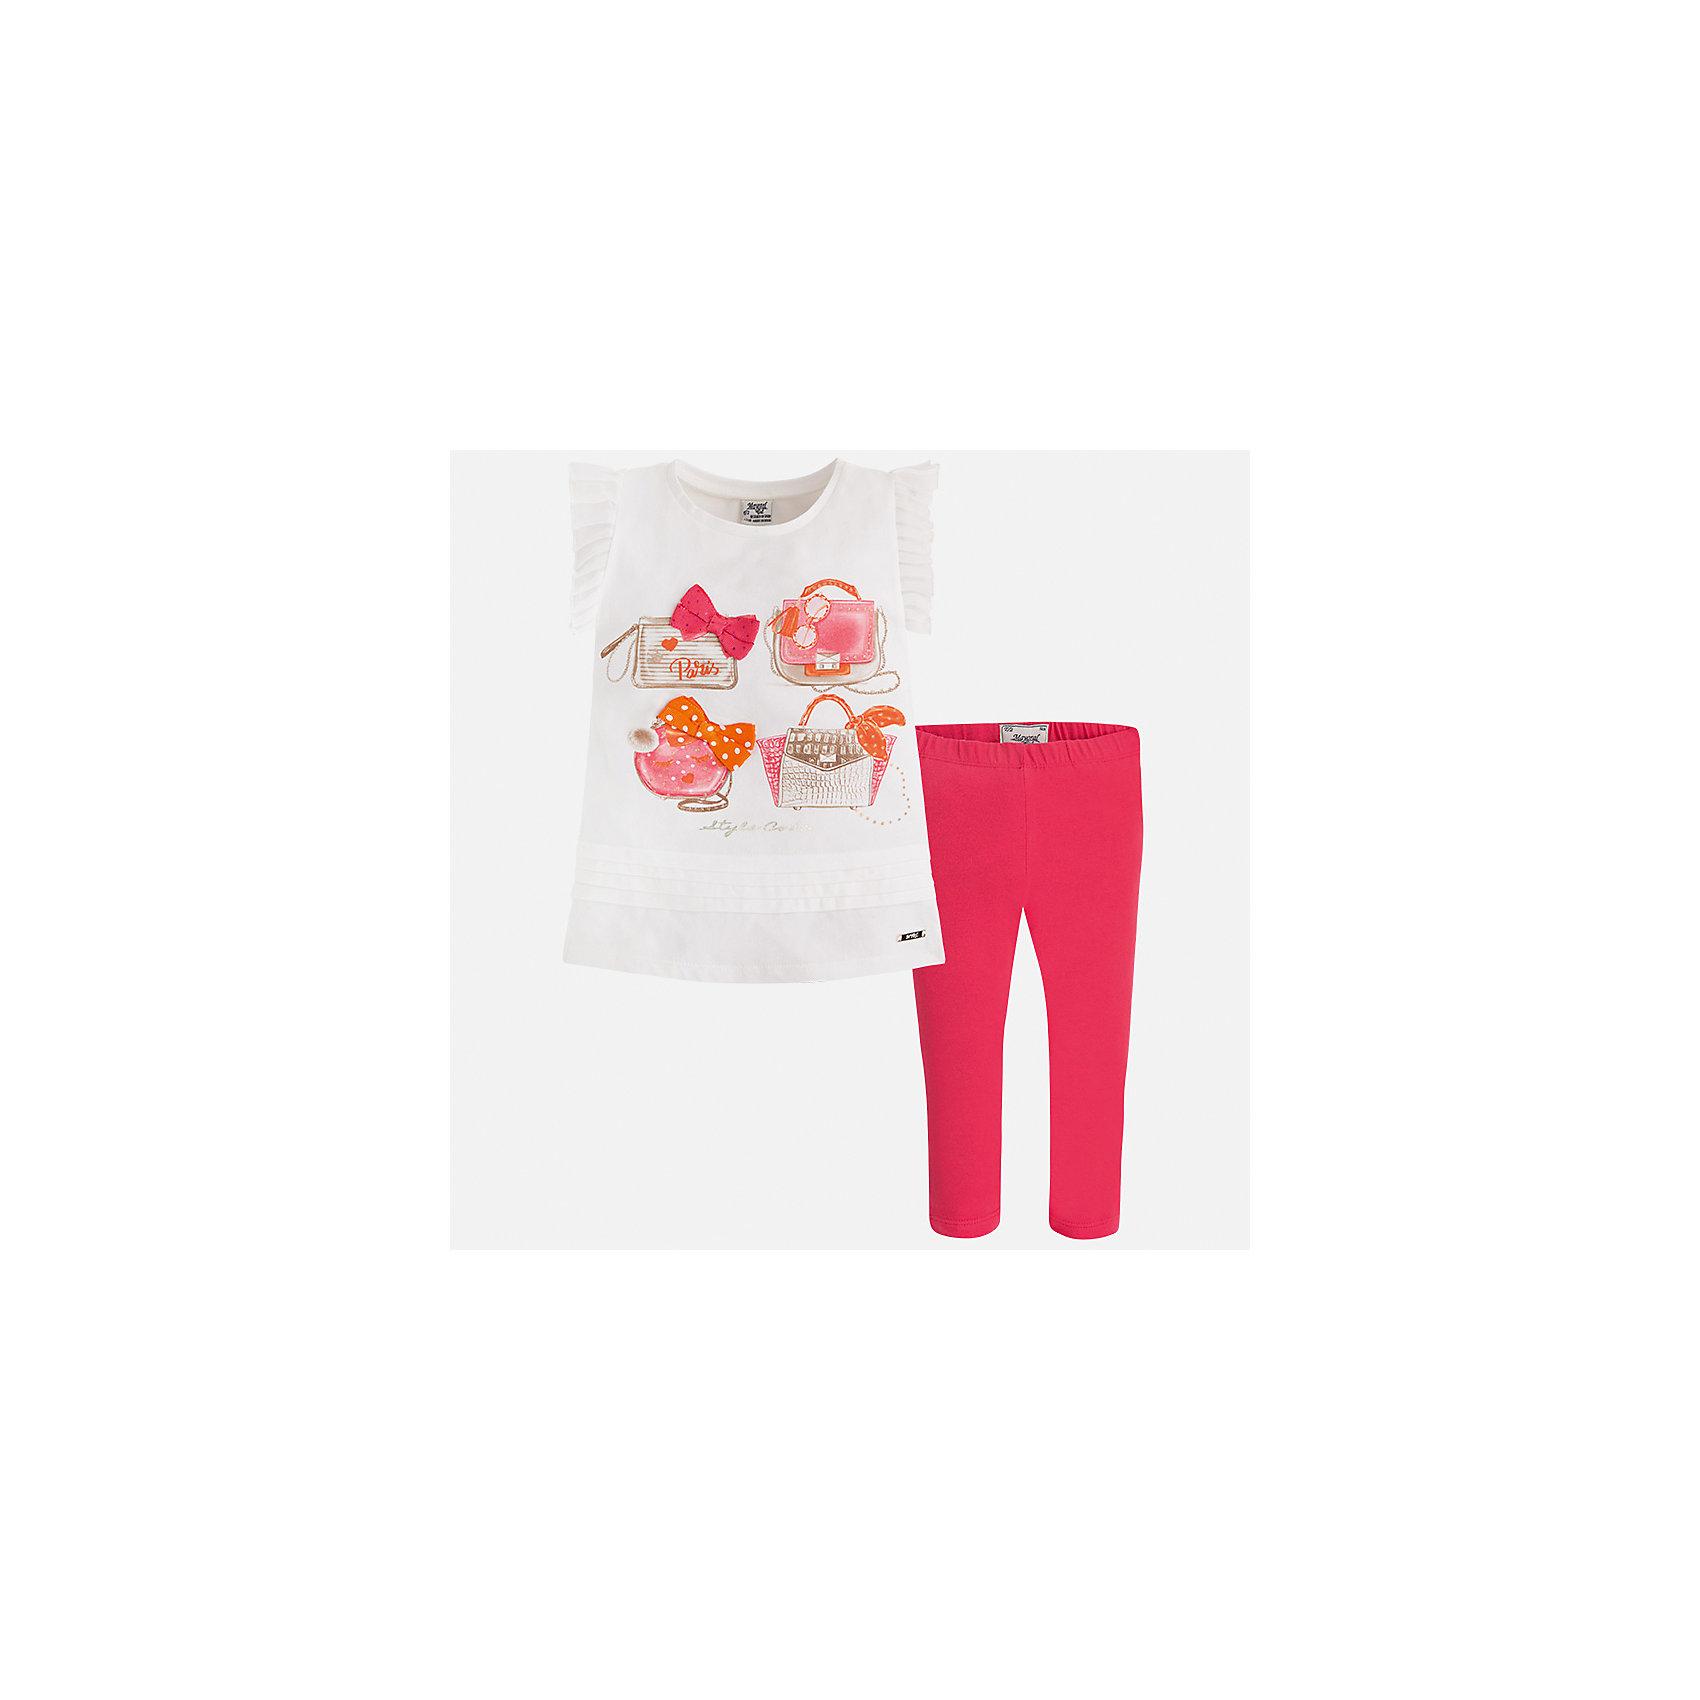 Комплект: блузка и леггинсы для девочки MayoralХарактеристики товара:<br><br>• цвет: белый/розовый<br>• состав: 95% хлопок, 5% эластан<br>• комплектация: футболка, леггинсы<br>• футболка декорирована принтом и оборками<br>• леггинсы однотонные<br>• пояс на резинке<br>• страна бренда: Испания<br><br>Красивый качественный комплект для девочки поможет разнообразить гардероб ребенка и удобно одеться в теплую погоду. Он отлично сочетается с другими предметами. Интересная отделка модели делает её нарядной и оригинальной. В составе материала - натуральный хлопок, гипоаллергенный, приятный на ощупь, дышащий.<br><br>Комплект для девочки от испанского бренда Mayoral (Майорал) можно купить в нашем интернет-магазине.<br><br>Ширина мм: 123<br>Глубина мм: 10<br>Высота мм: 149<br>Вес г: 209<br>Цвет: красный<br>Возраст от месяцев: 96<br>Возраст до месяцев: 108<br>Пол: Женский<br>Возраст: Детский<br>Размер: 134,92,98,104,110,116,122,128<br>SKU: 5290622